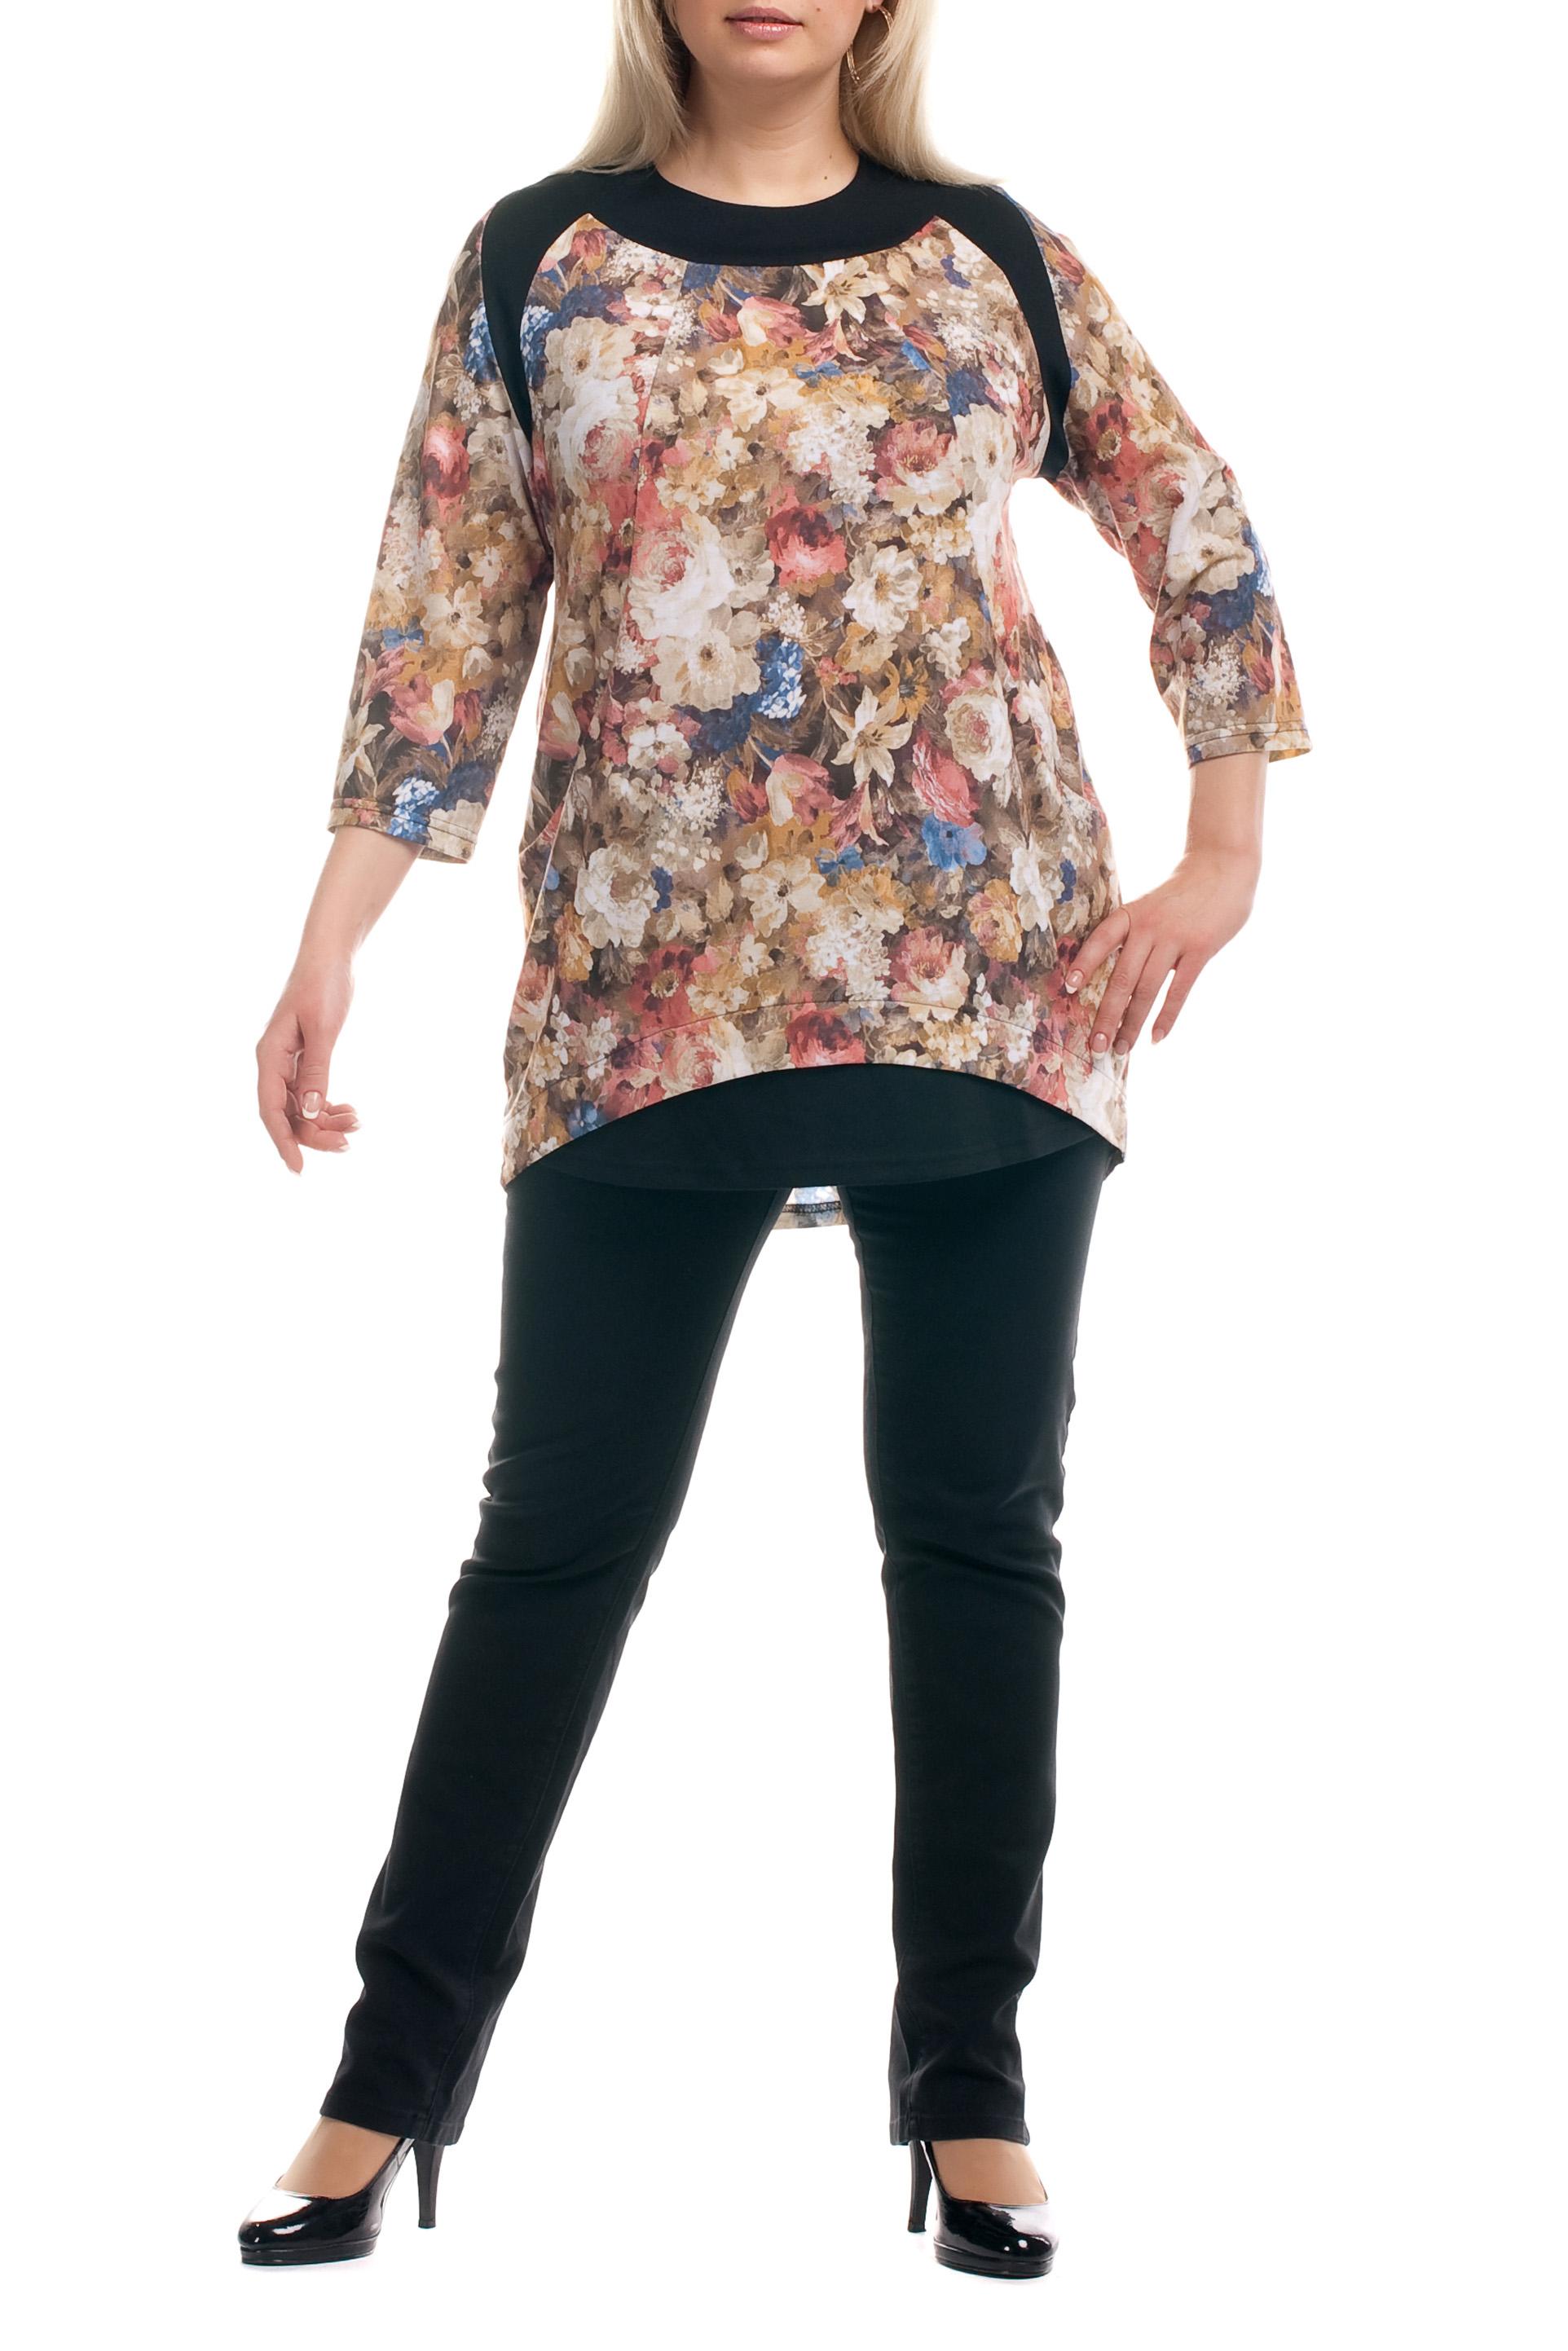 ТуникаТуники<br>Удлиненная женская туника с фигурной горловиной и рукавами 3/4. Модель выполнена из плотного трикотажа. Отличный выбор для повседневного гардероба.  Цвет: бежевый, мультицвет  Рост девушки-фотомодели 173 см.<br><br>Горловина: С- горловина<br>По материалу: Вискоза,Трикотаж<br>По образу: Город,Свидание<br>По рисунку: Растительные мотивы,Цветные,Цветочные<br>По сезону: Весна,Осень<br>По силуэту: Прямые<br>По стилю: Повседневный стиль<br>По элементам: С декором,С карманами<br>Рукав: Рукав три четверти<br>Размер : 52,54,56,62,64<br>Материал: Трикотаж<br>Количество в наличии: 8